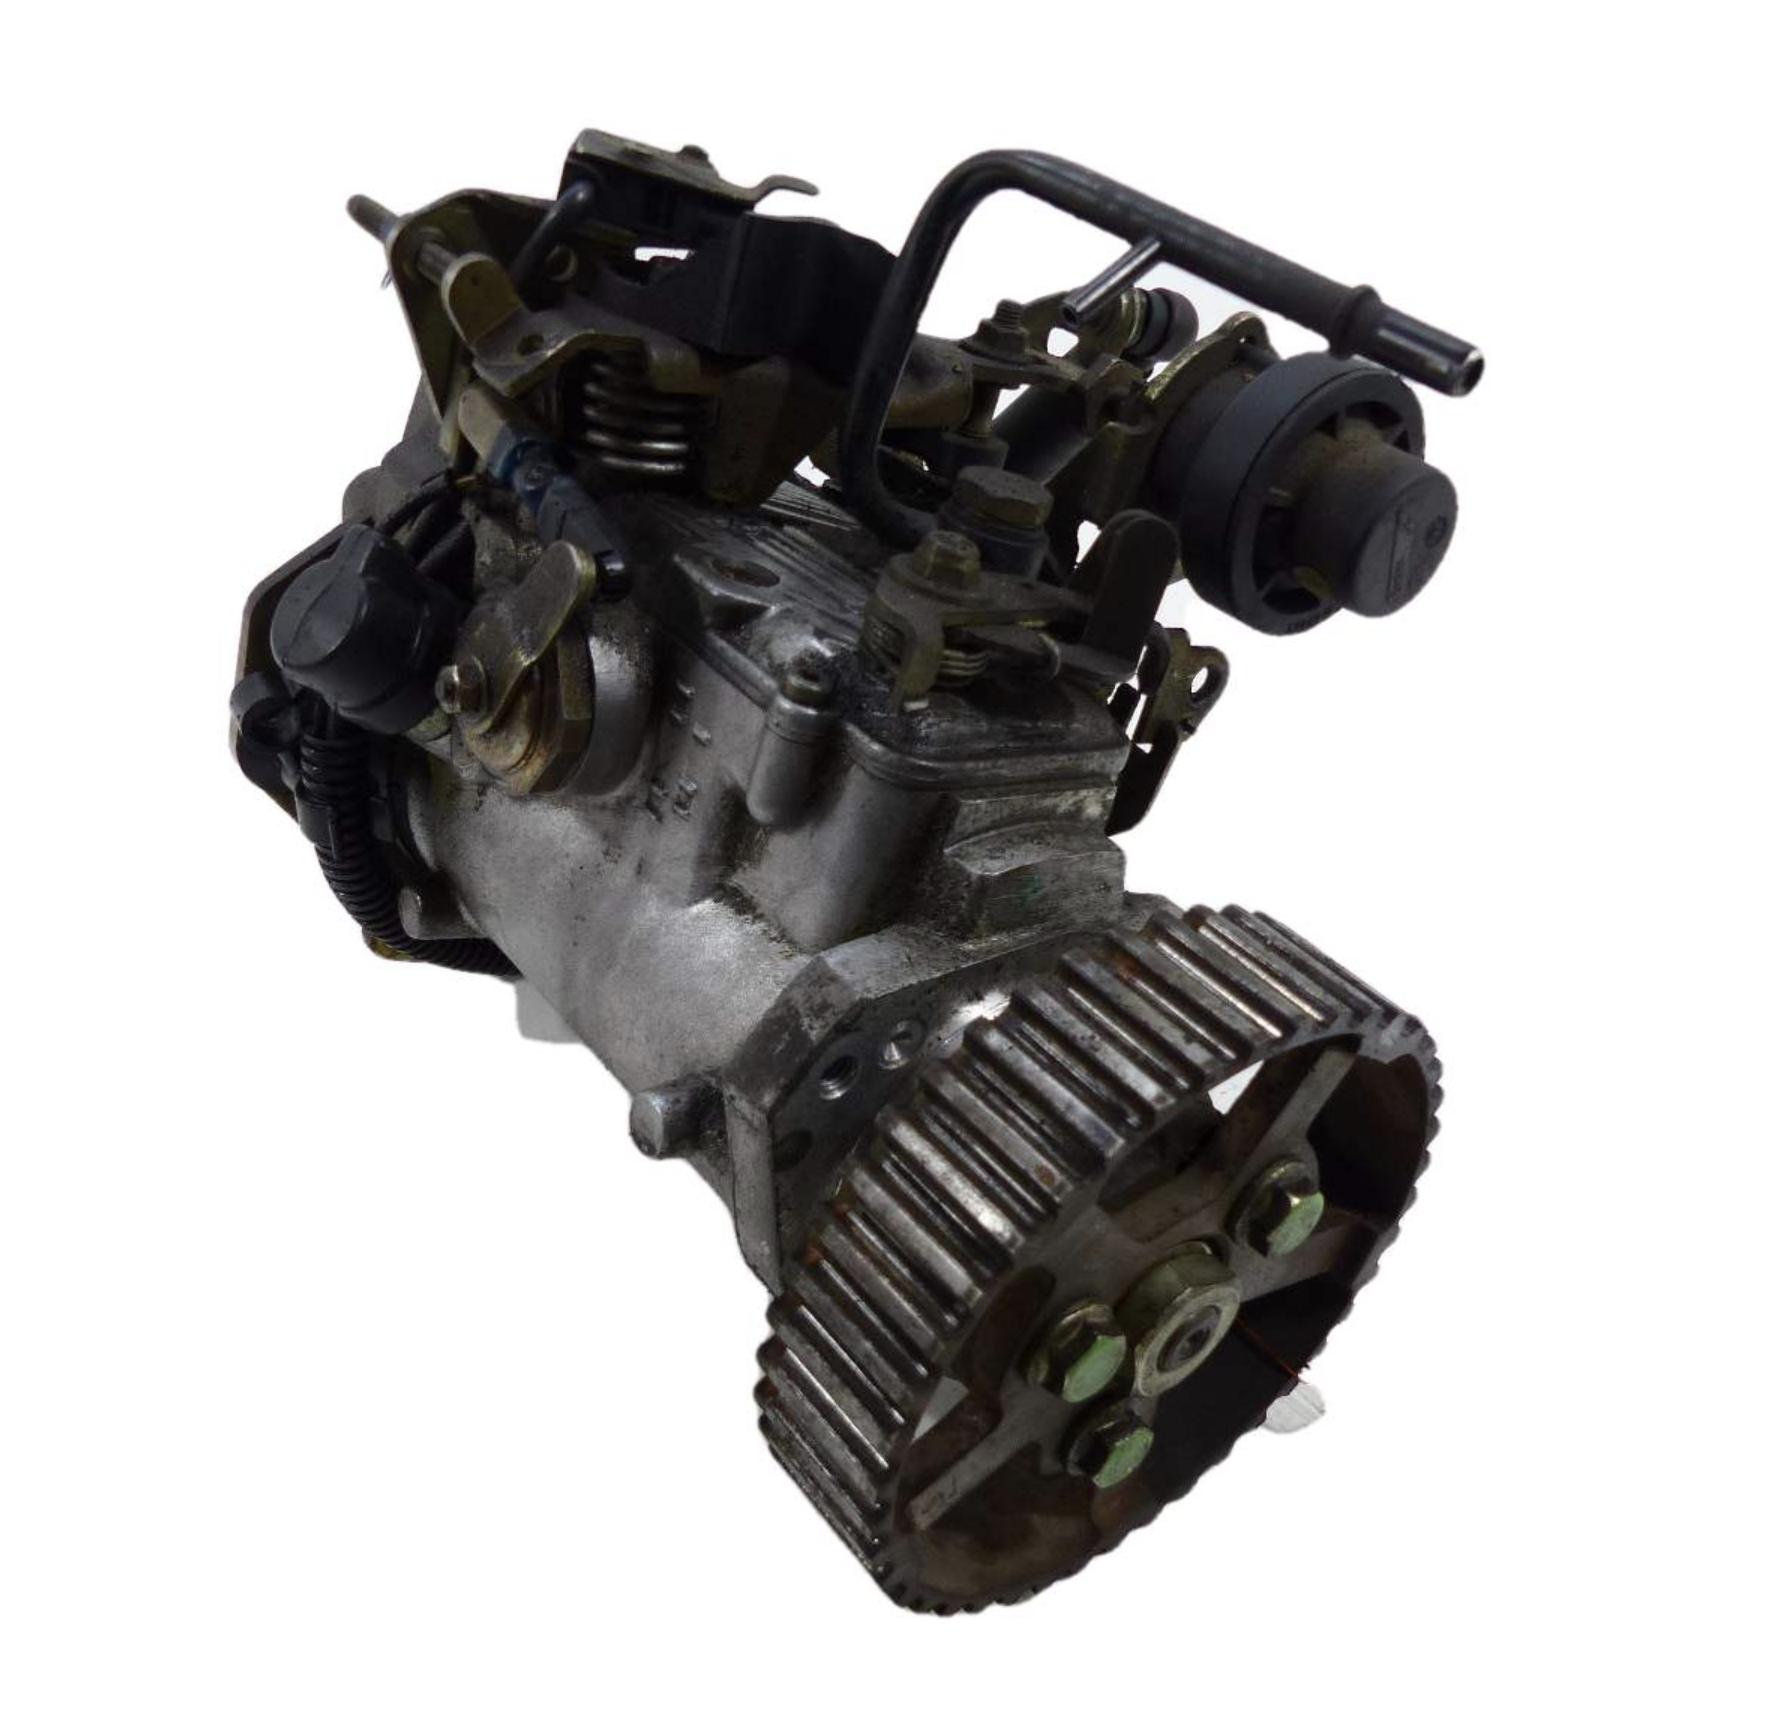 Diesel fuel injection pump peugeot 206, citroen berlingo 1.9d ref  r8445b350a, sale auto spare part on pieces-okaz.com